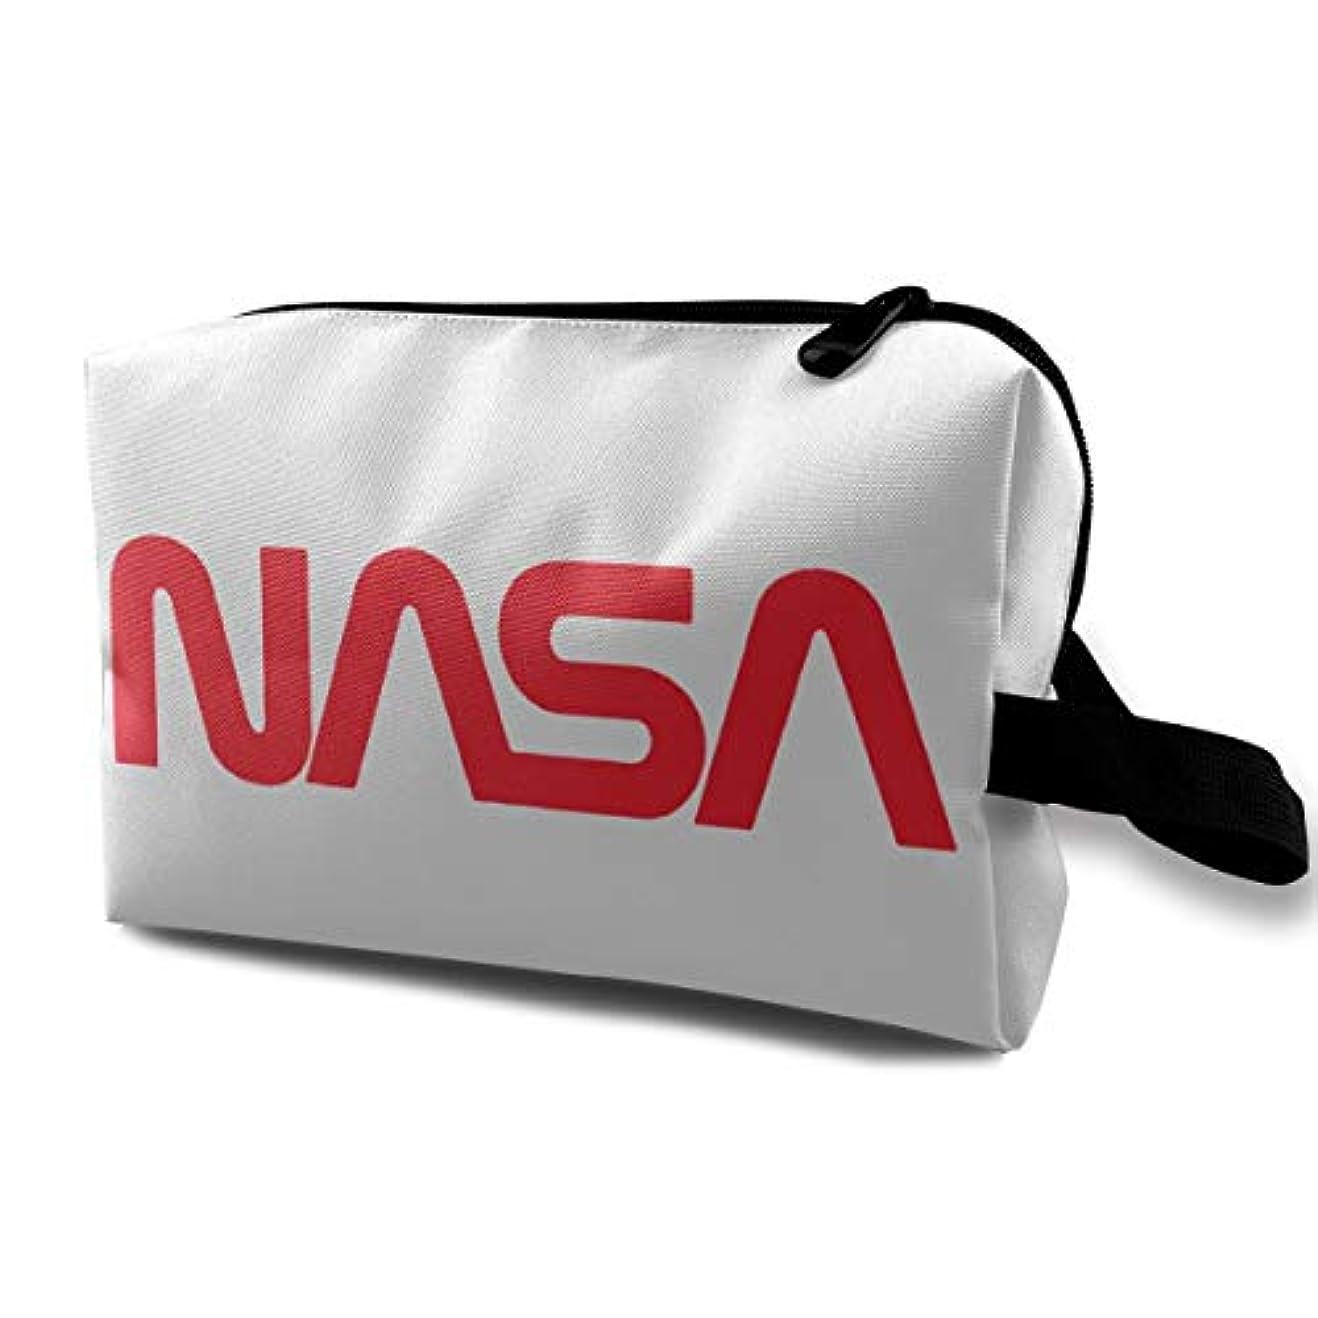 くすぐったい白い普及DSB 化粧ポーチ コンパクト メイクポーチ 化粧バッグ NASA 航空 宇宙 化粧品 収納バッグ コスメポーチ メイクブラシバッグ 旅行用 大容量